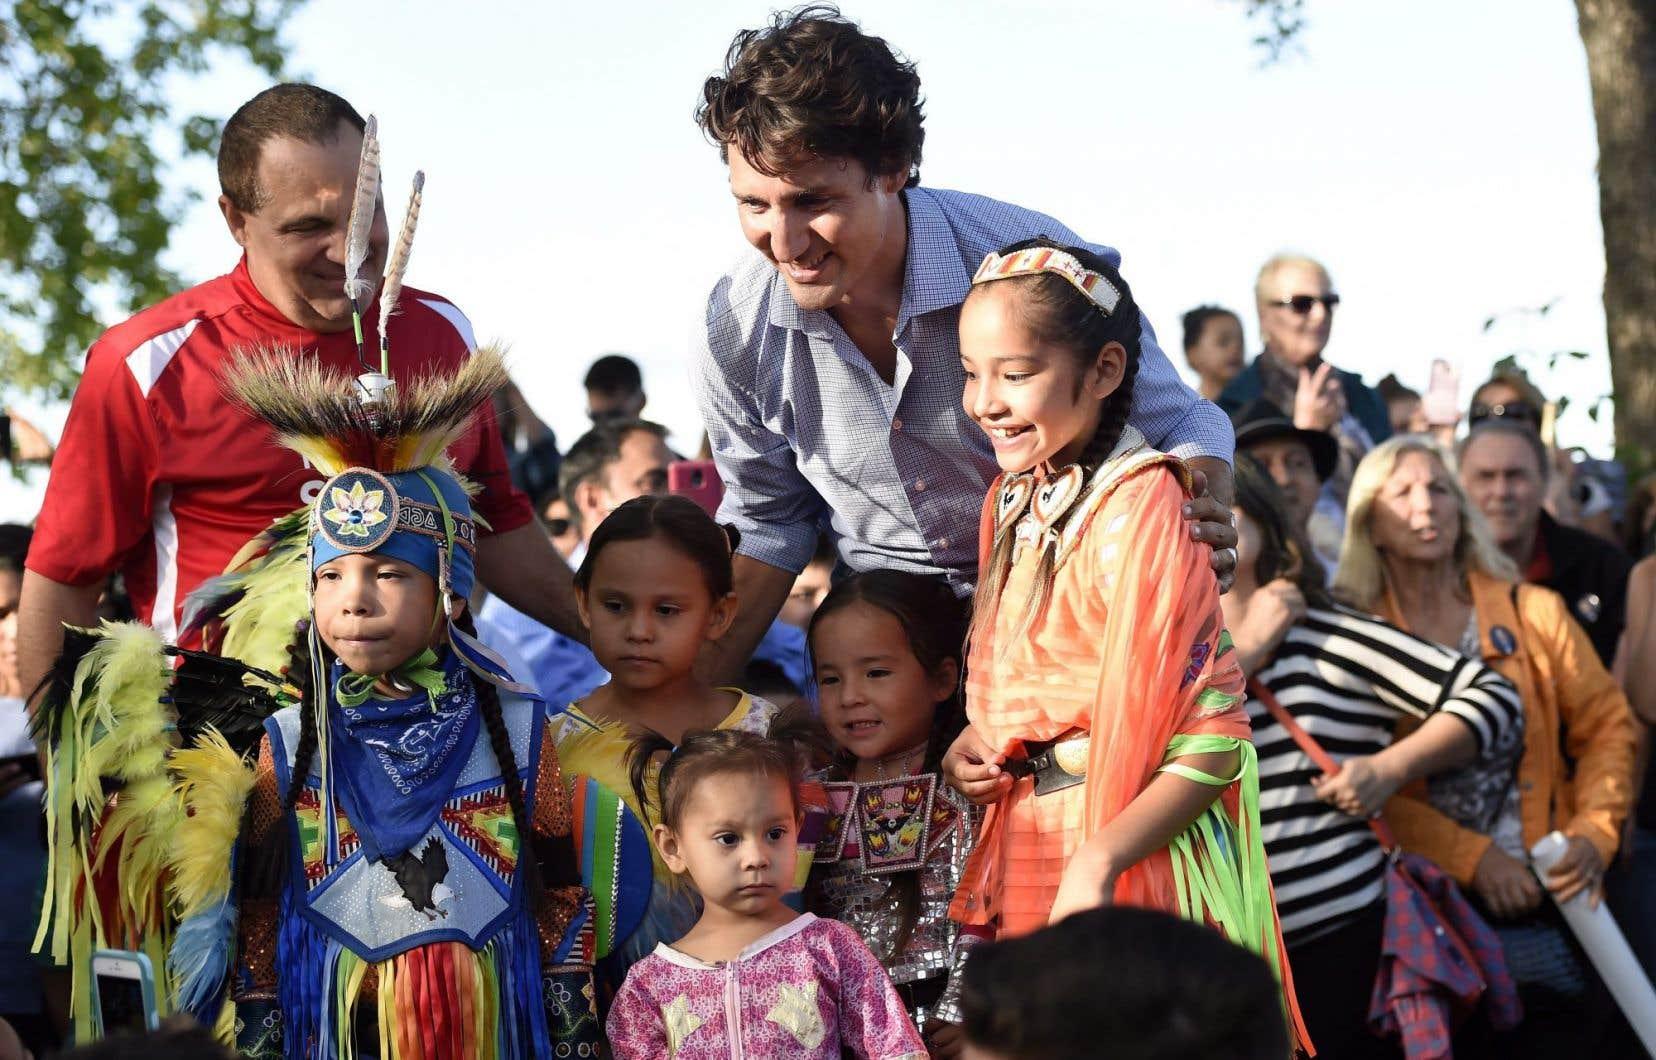 Après avoir réitéré la promesse de son gouvernementd'établir de nouvelles bases dans les relations entre le gouvernement fédéral et les peuples autochtones du Canada, le premier ministre Justin Trudeau s'est prêté au jeu des photos avec des enfants en costumes traditionnels.